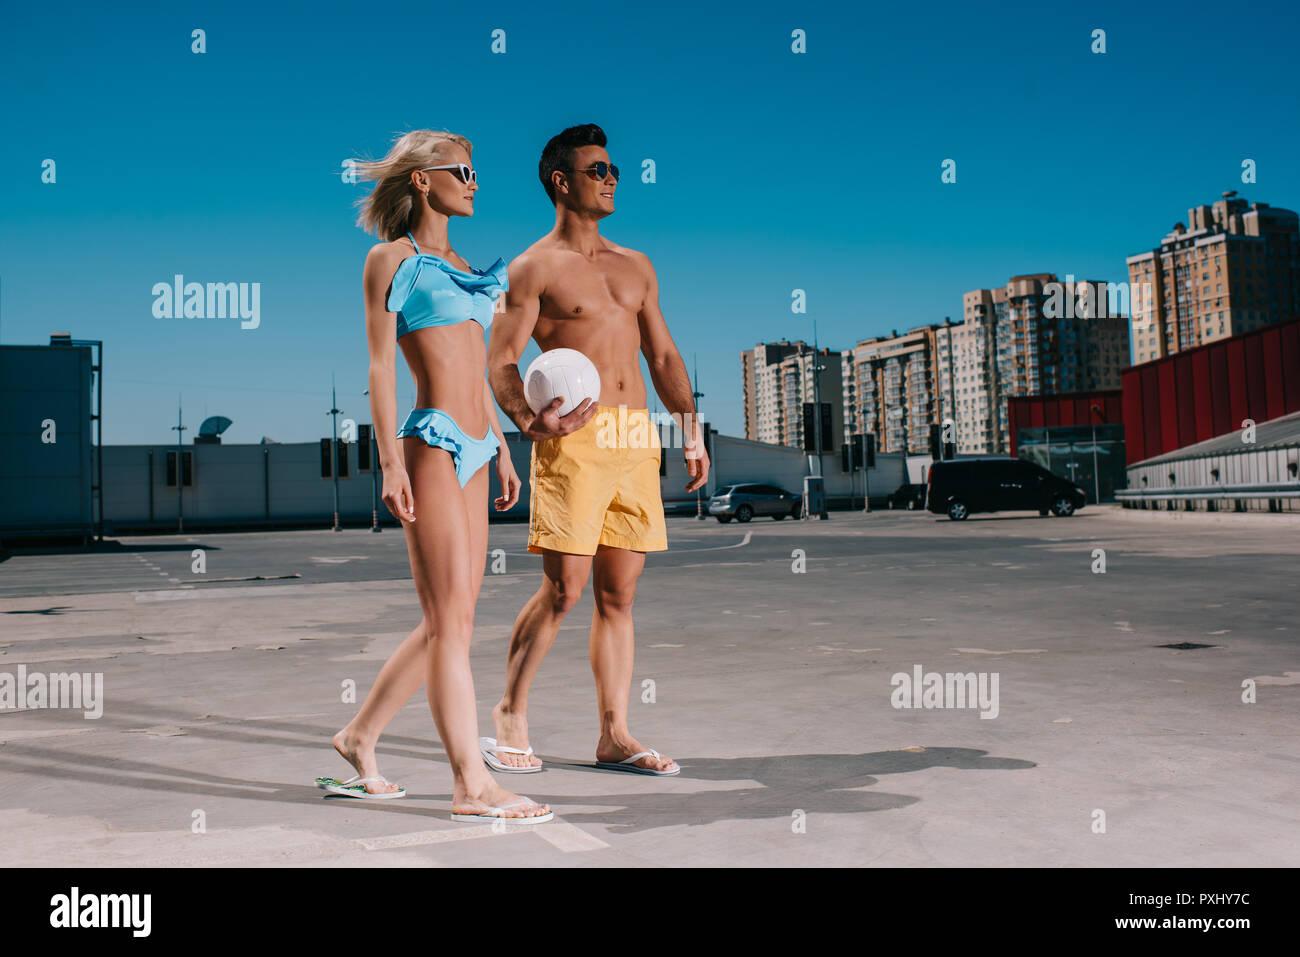 Jeune couple dans la région de beach-volley ball avec des vêtements sur le parking Photo Stock